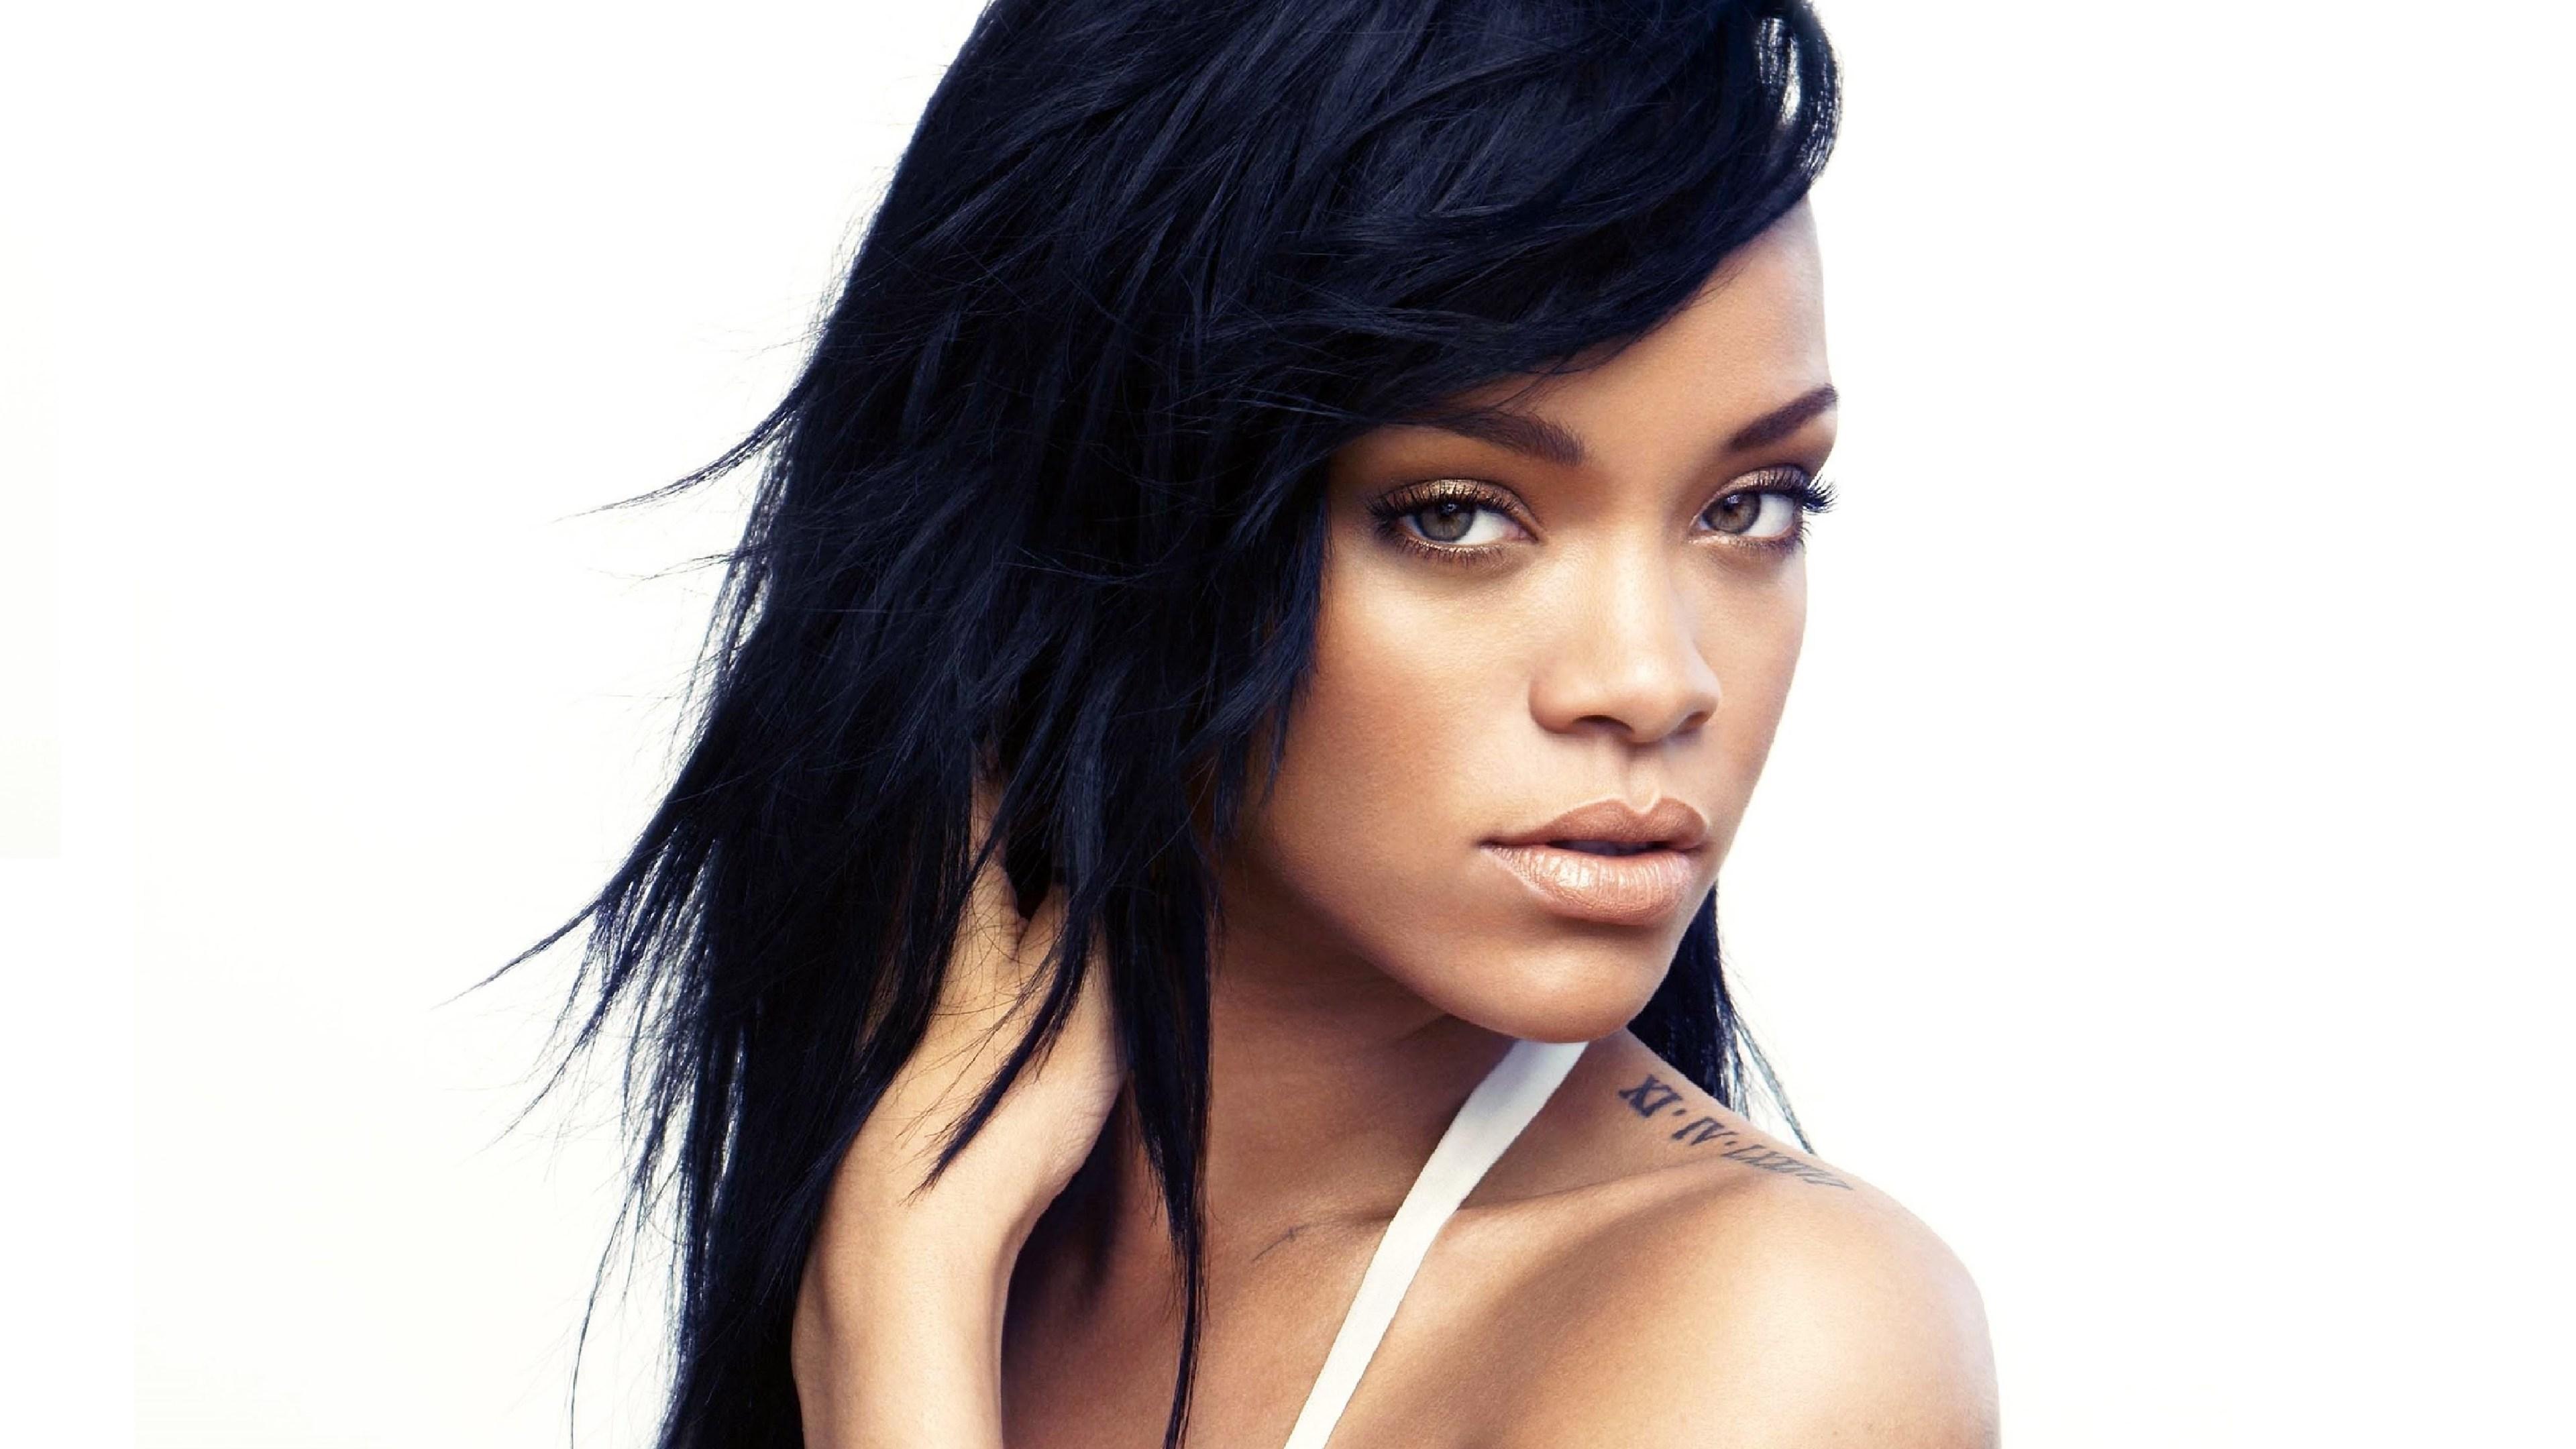 rihanna 4k 2019 1539791996 - Rihanna 4k 2019 - rihanna wallpapers, music wallpapers, hd-wallpapers, girls wallpapers, celebrities wallpapers, 4k-wallpapers